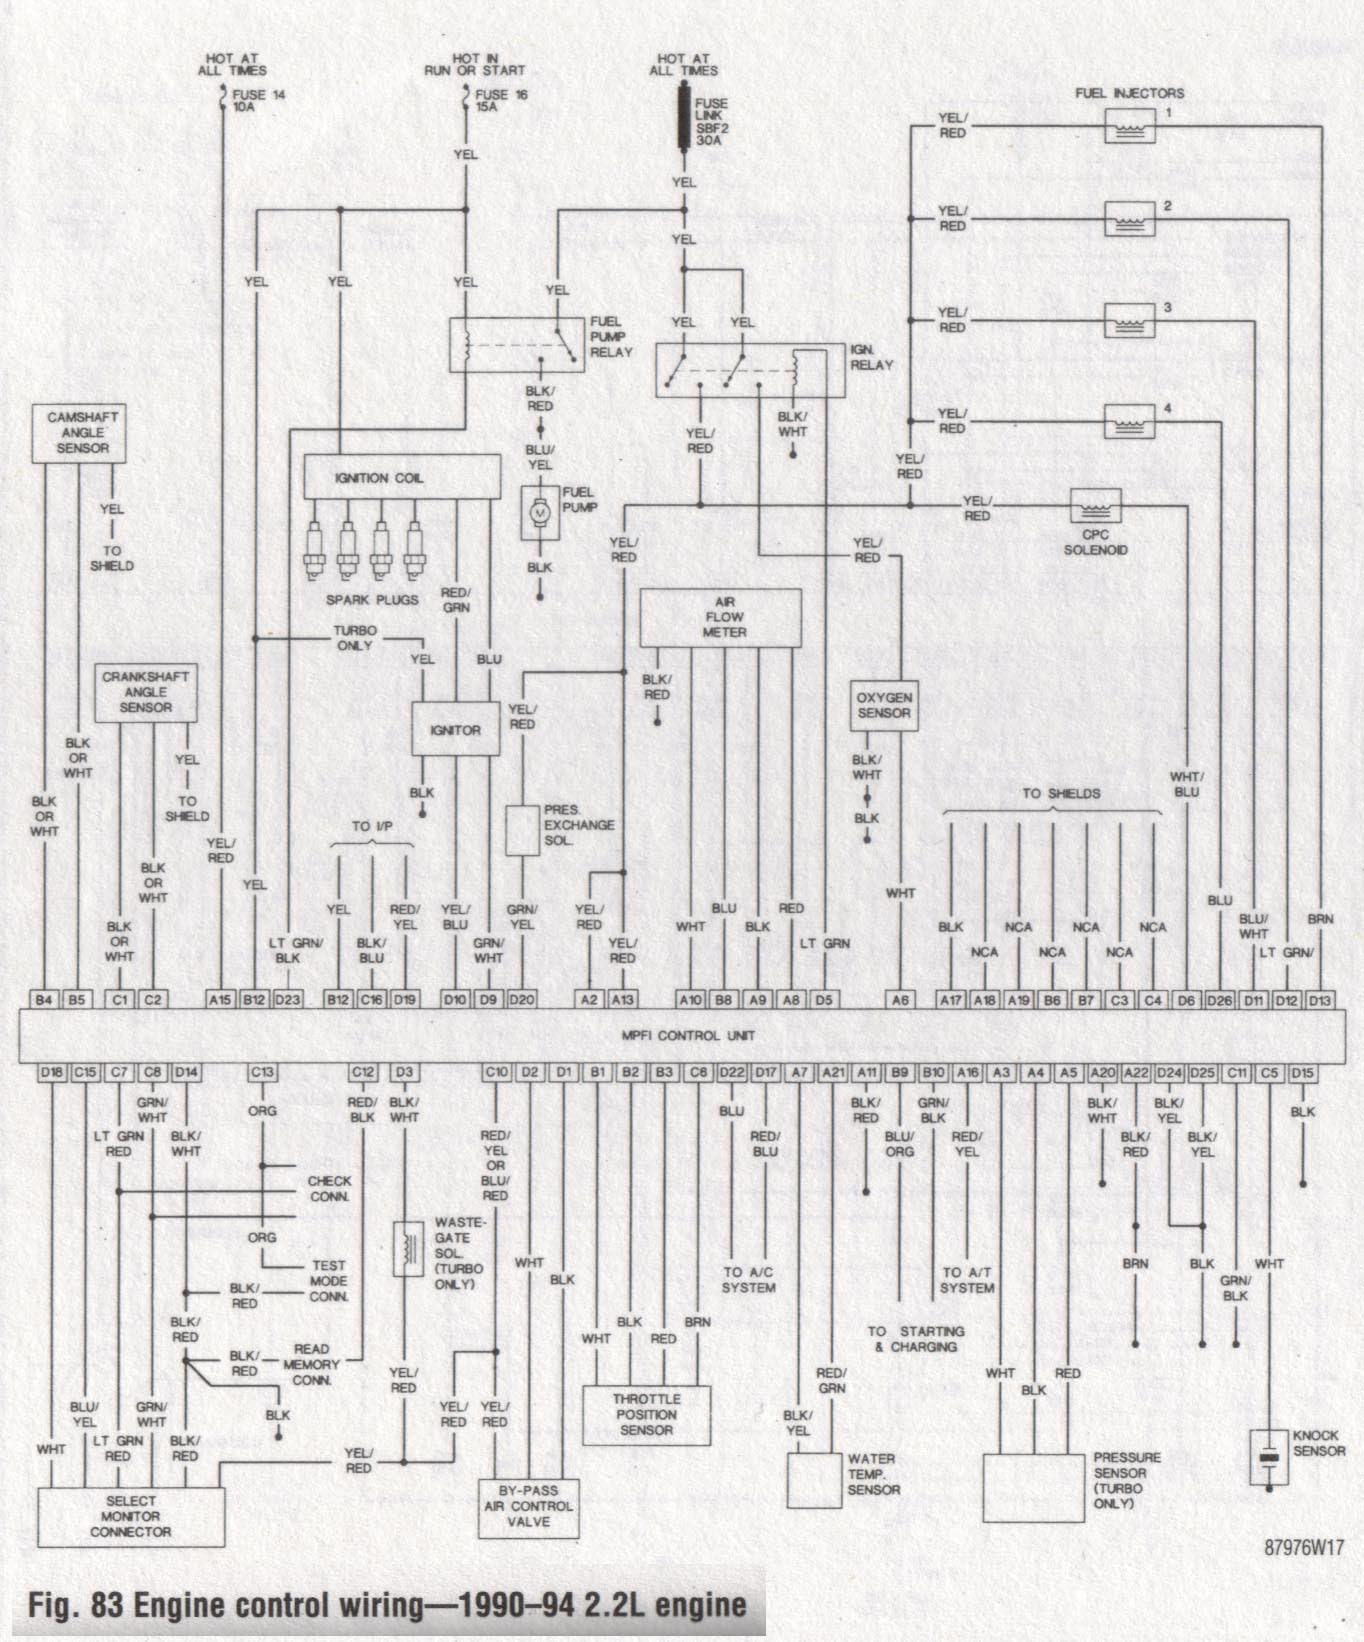 Wiring Diagram 1999 Subaru Legacy Outback Pioneer Wiring Harness Adapter Bege Wiring Diagram